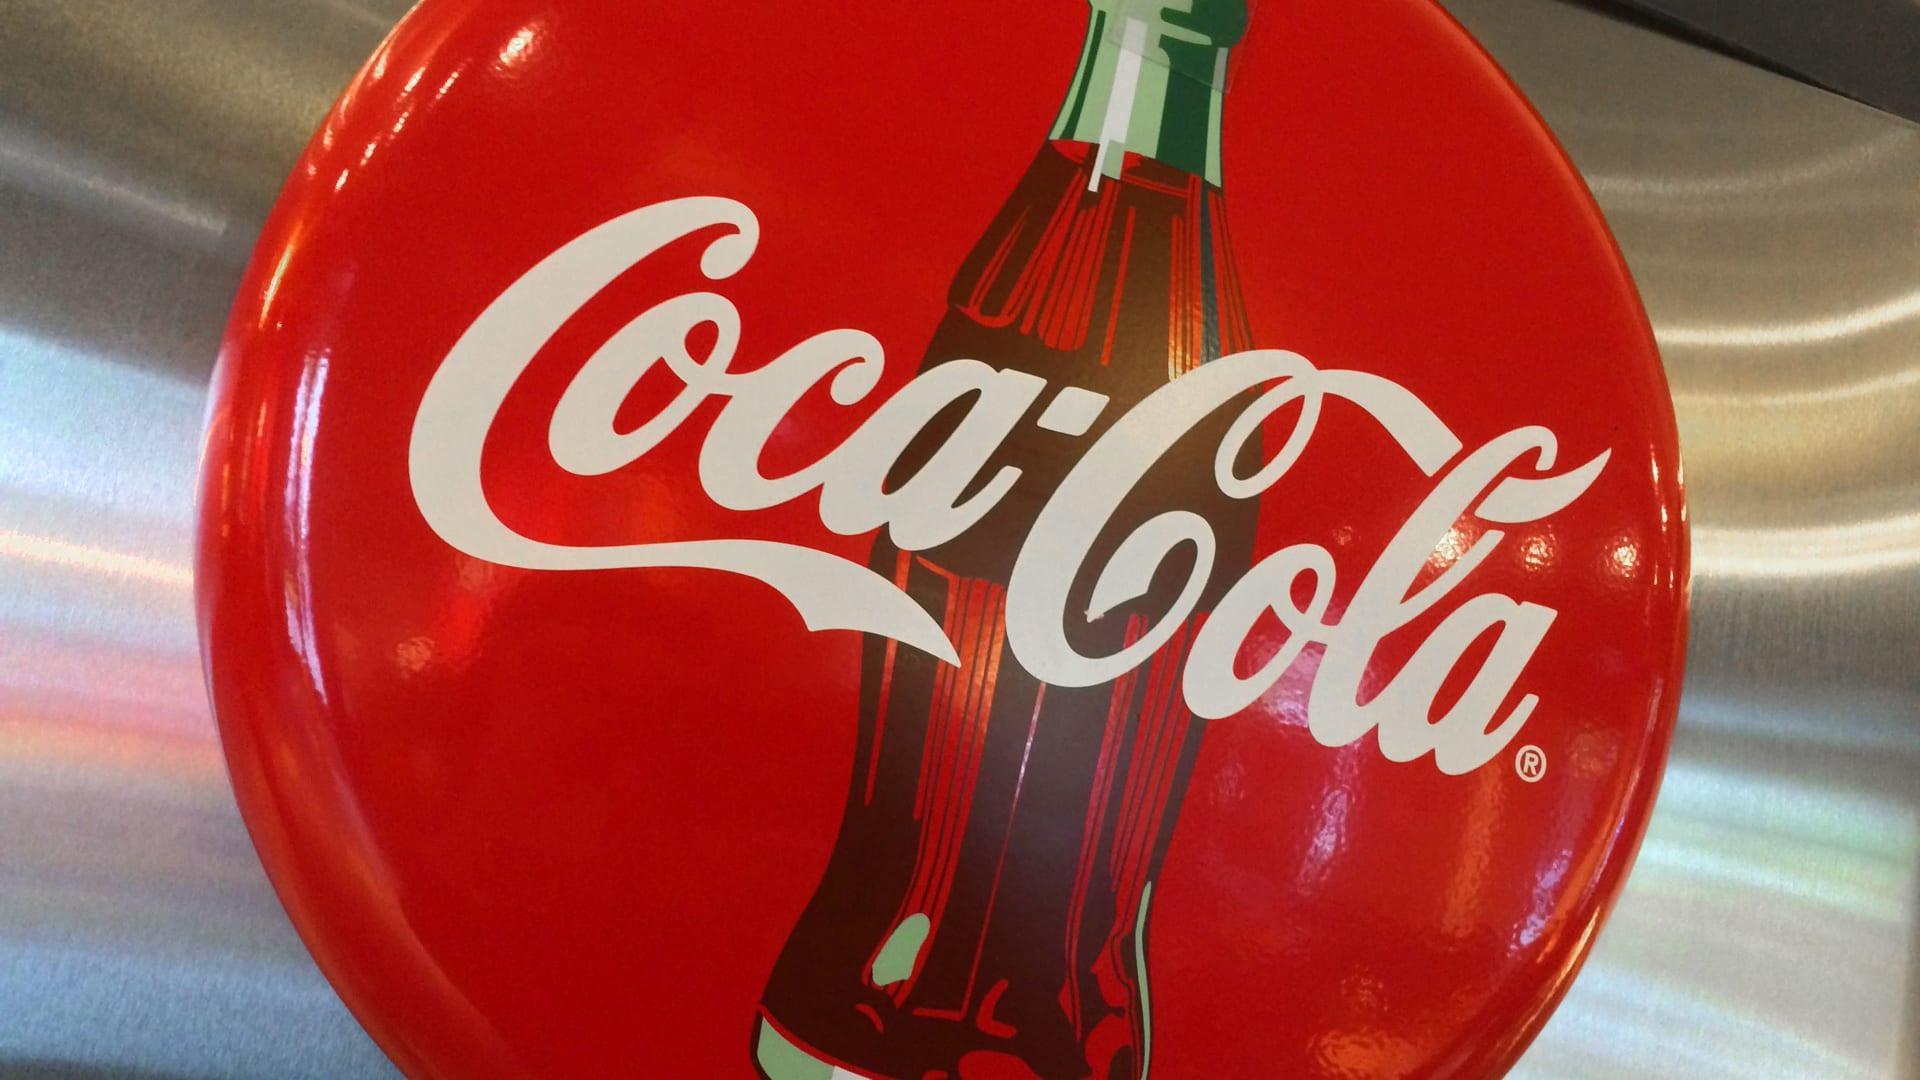 كوكاكولا تنضم لحملة المقاطعة الإعلانية لفيسبوك.. وتسحب دعايتها عبر الشبكة